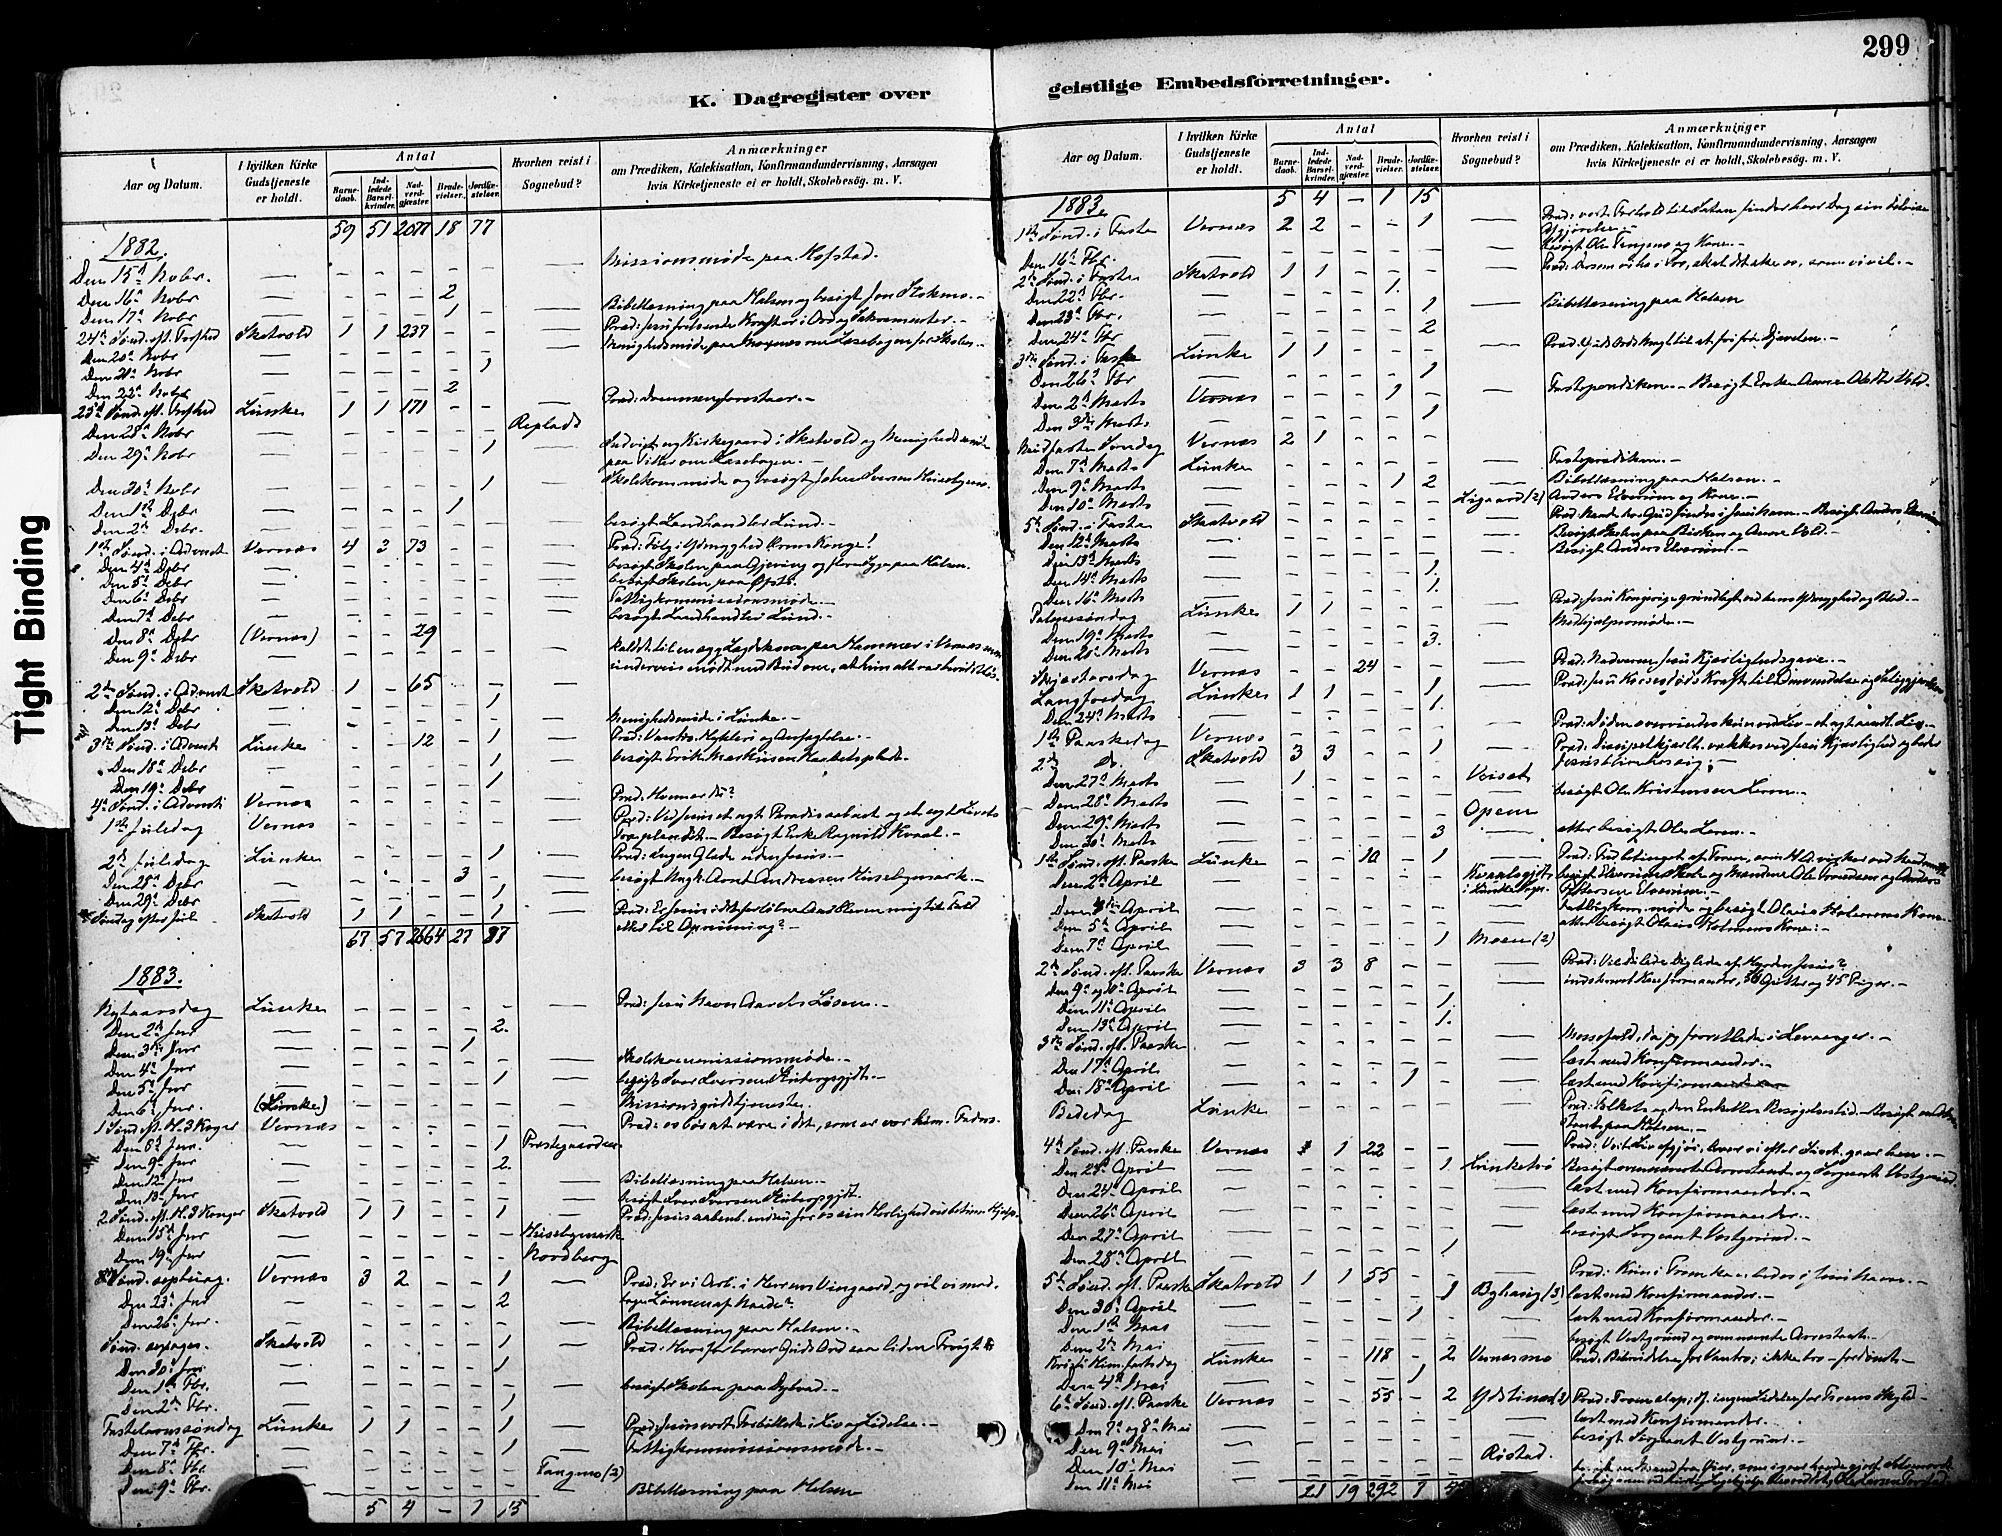 SAT, Ministerialprotokoller, klokkerbøker og fødselsregistre - Nord-Trøndelag, 709/L0077: Ministerialbok nr. 709A17, 1880-1895, s. 299